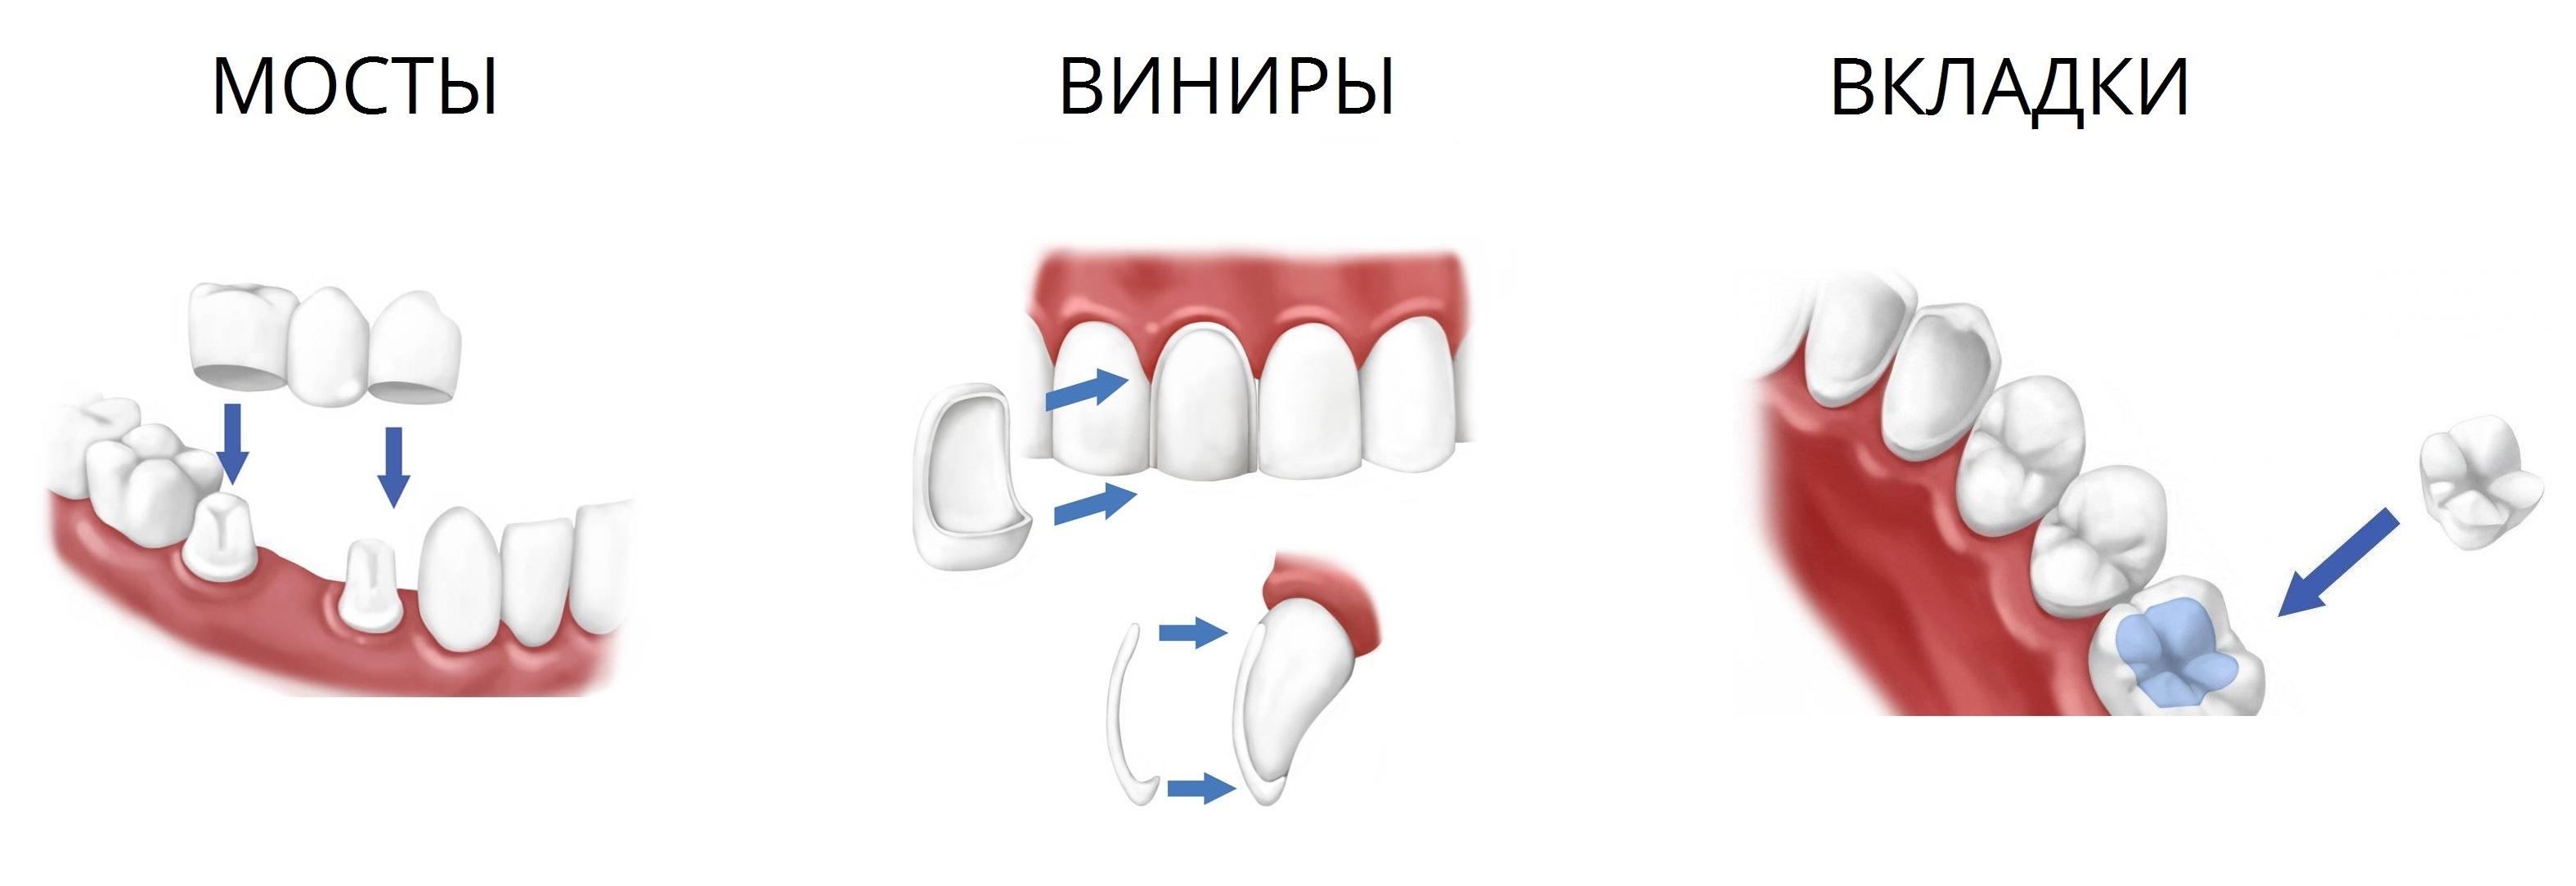 coroane-dentar1e